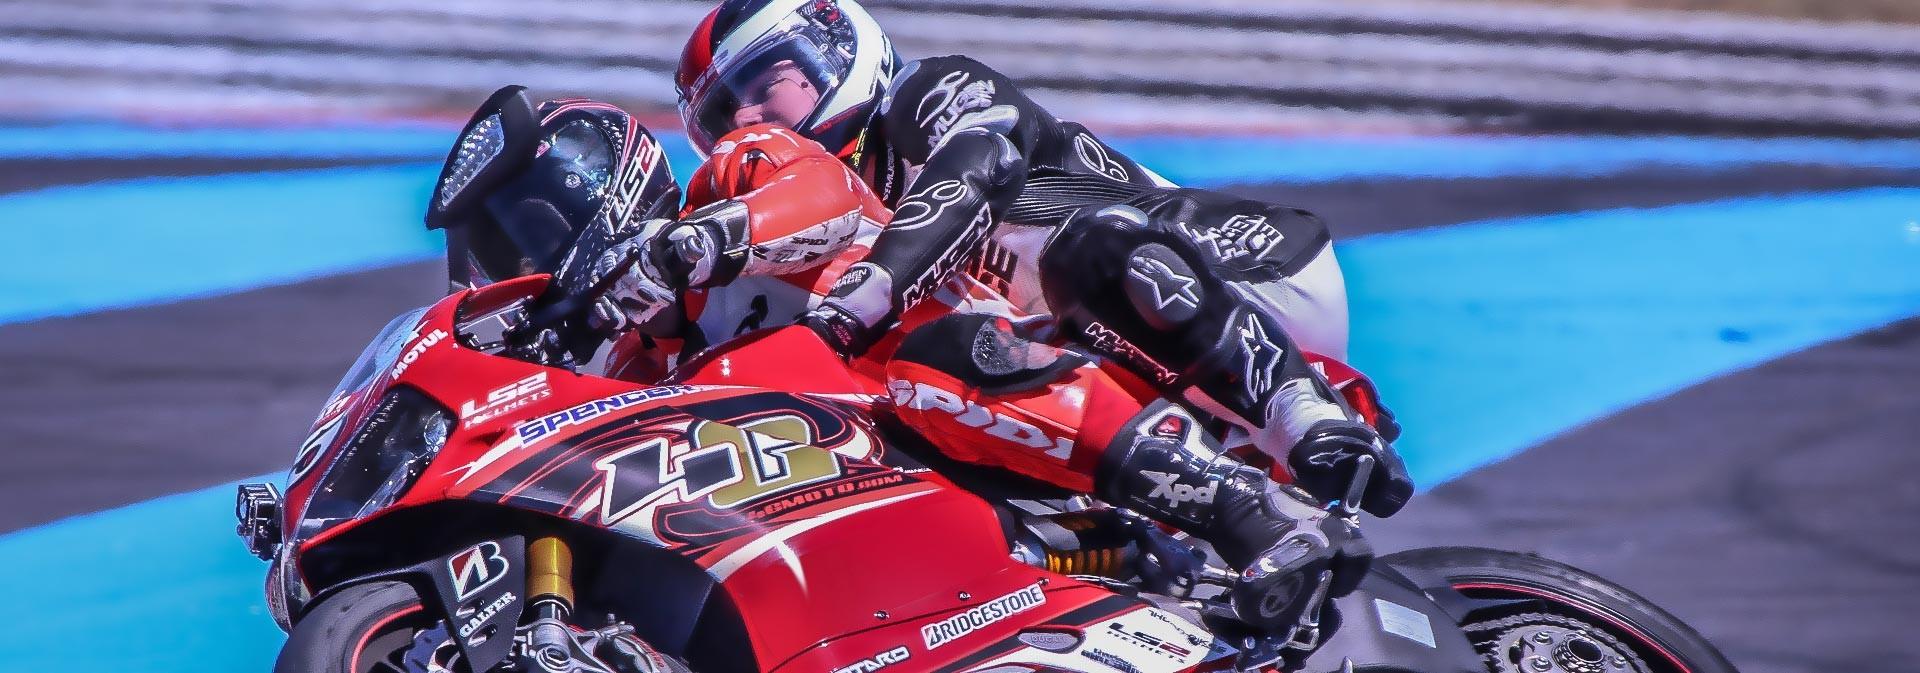 Ducati V4